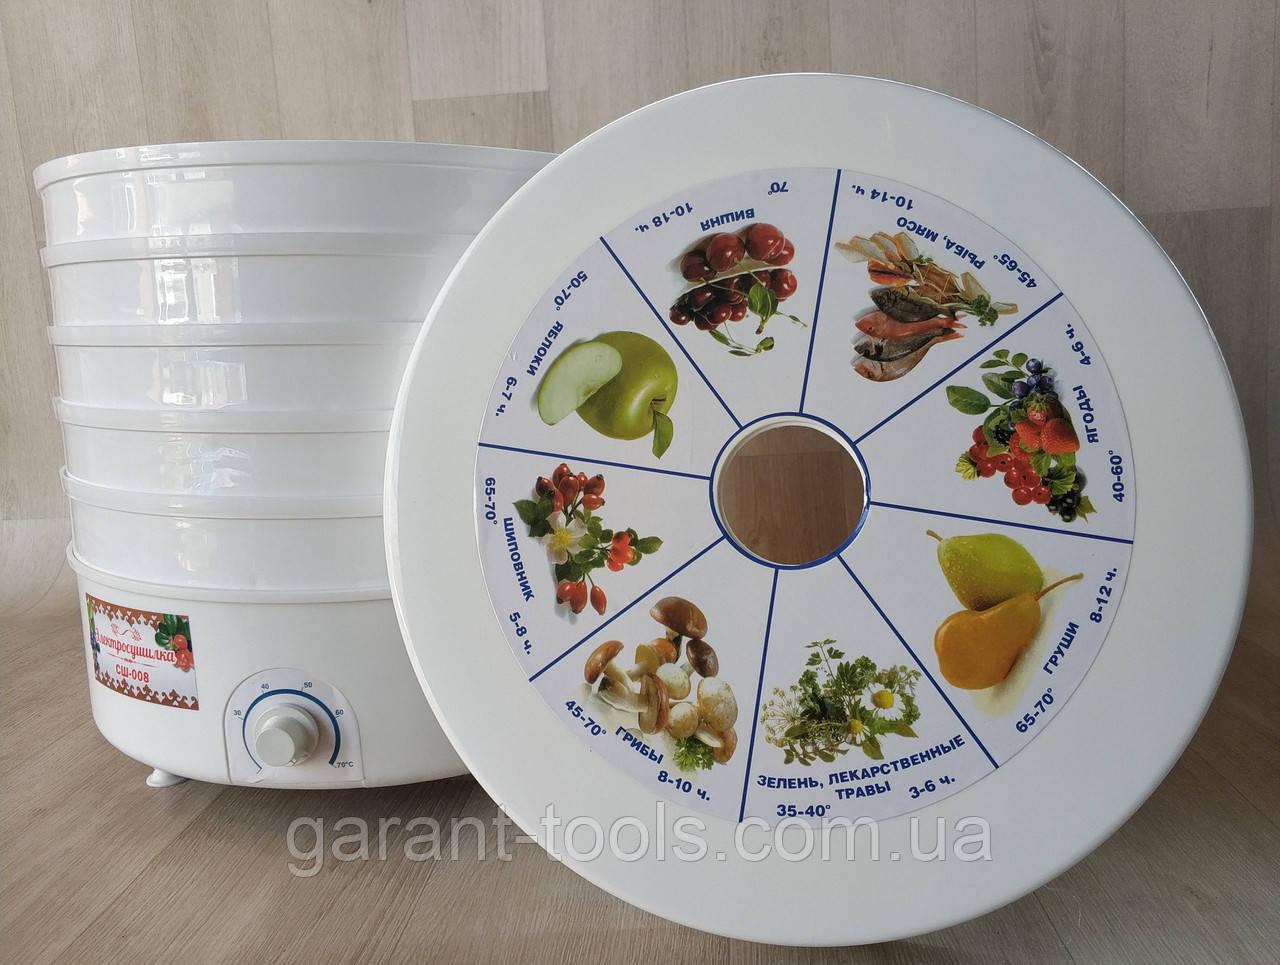 Сушарка електрична для фруктів овочів і грибів РОТОР / ДІВА / ЧУДЕСНИЦА сушарка 25 літрів